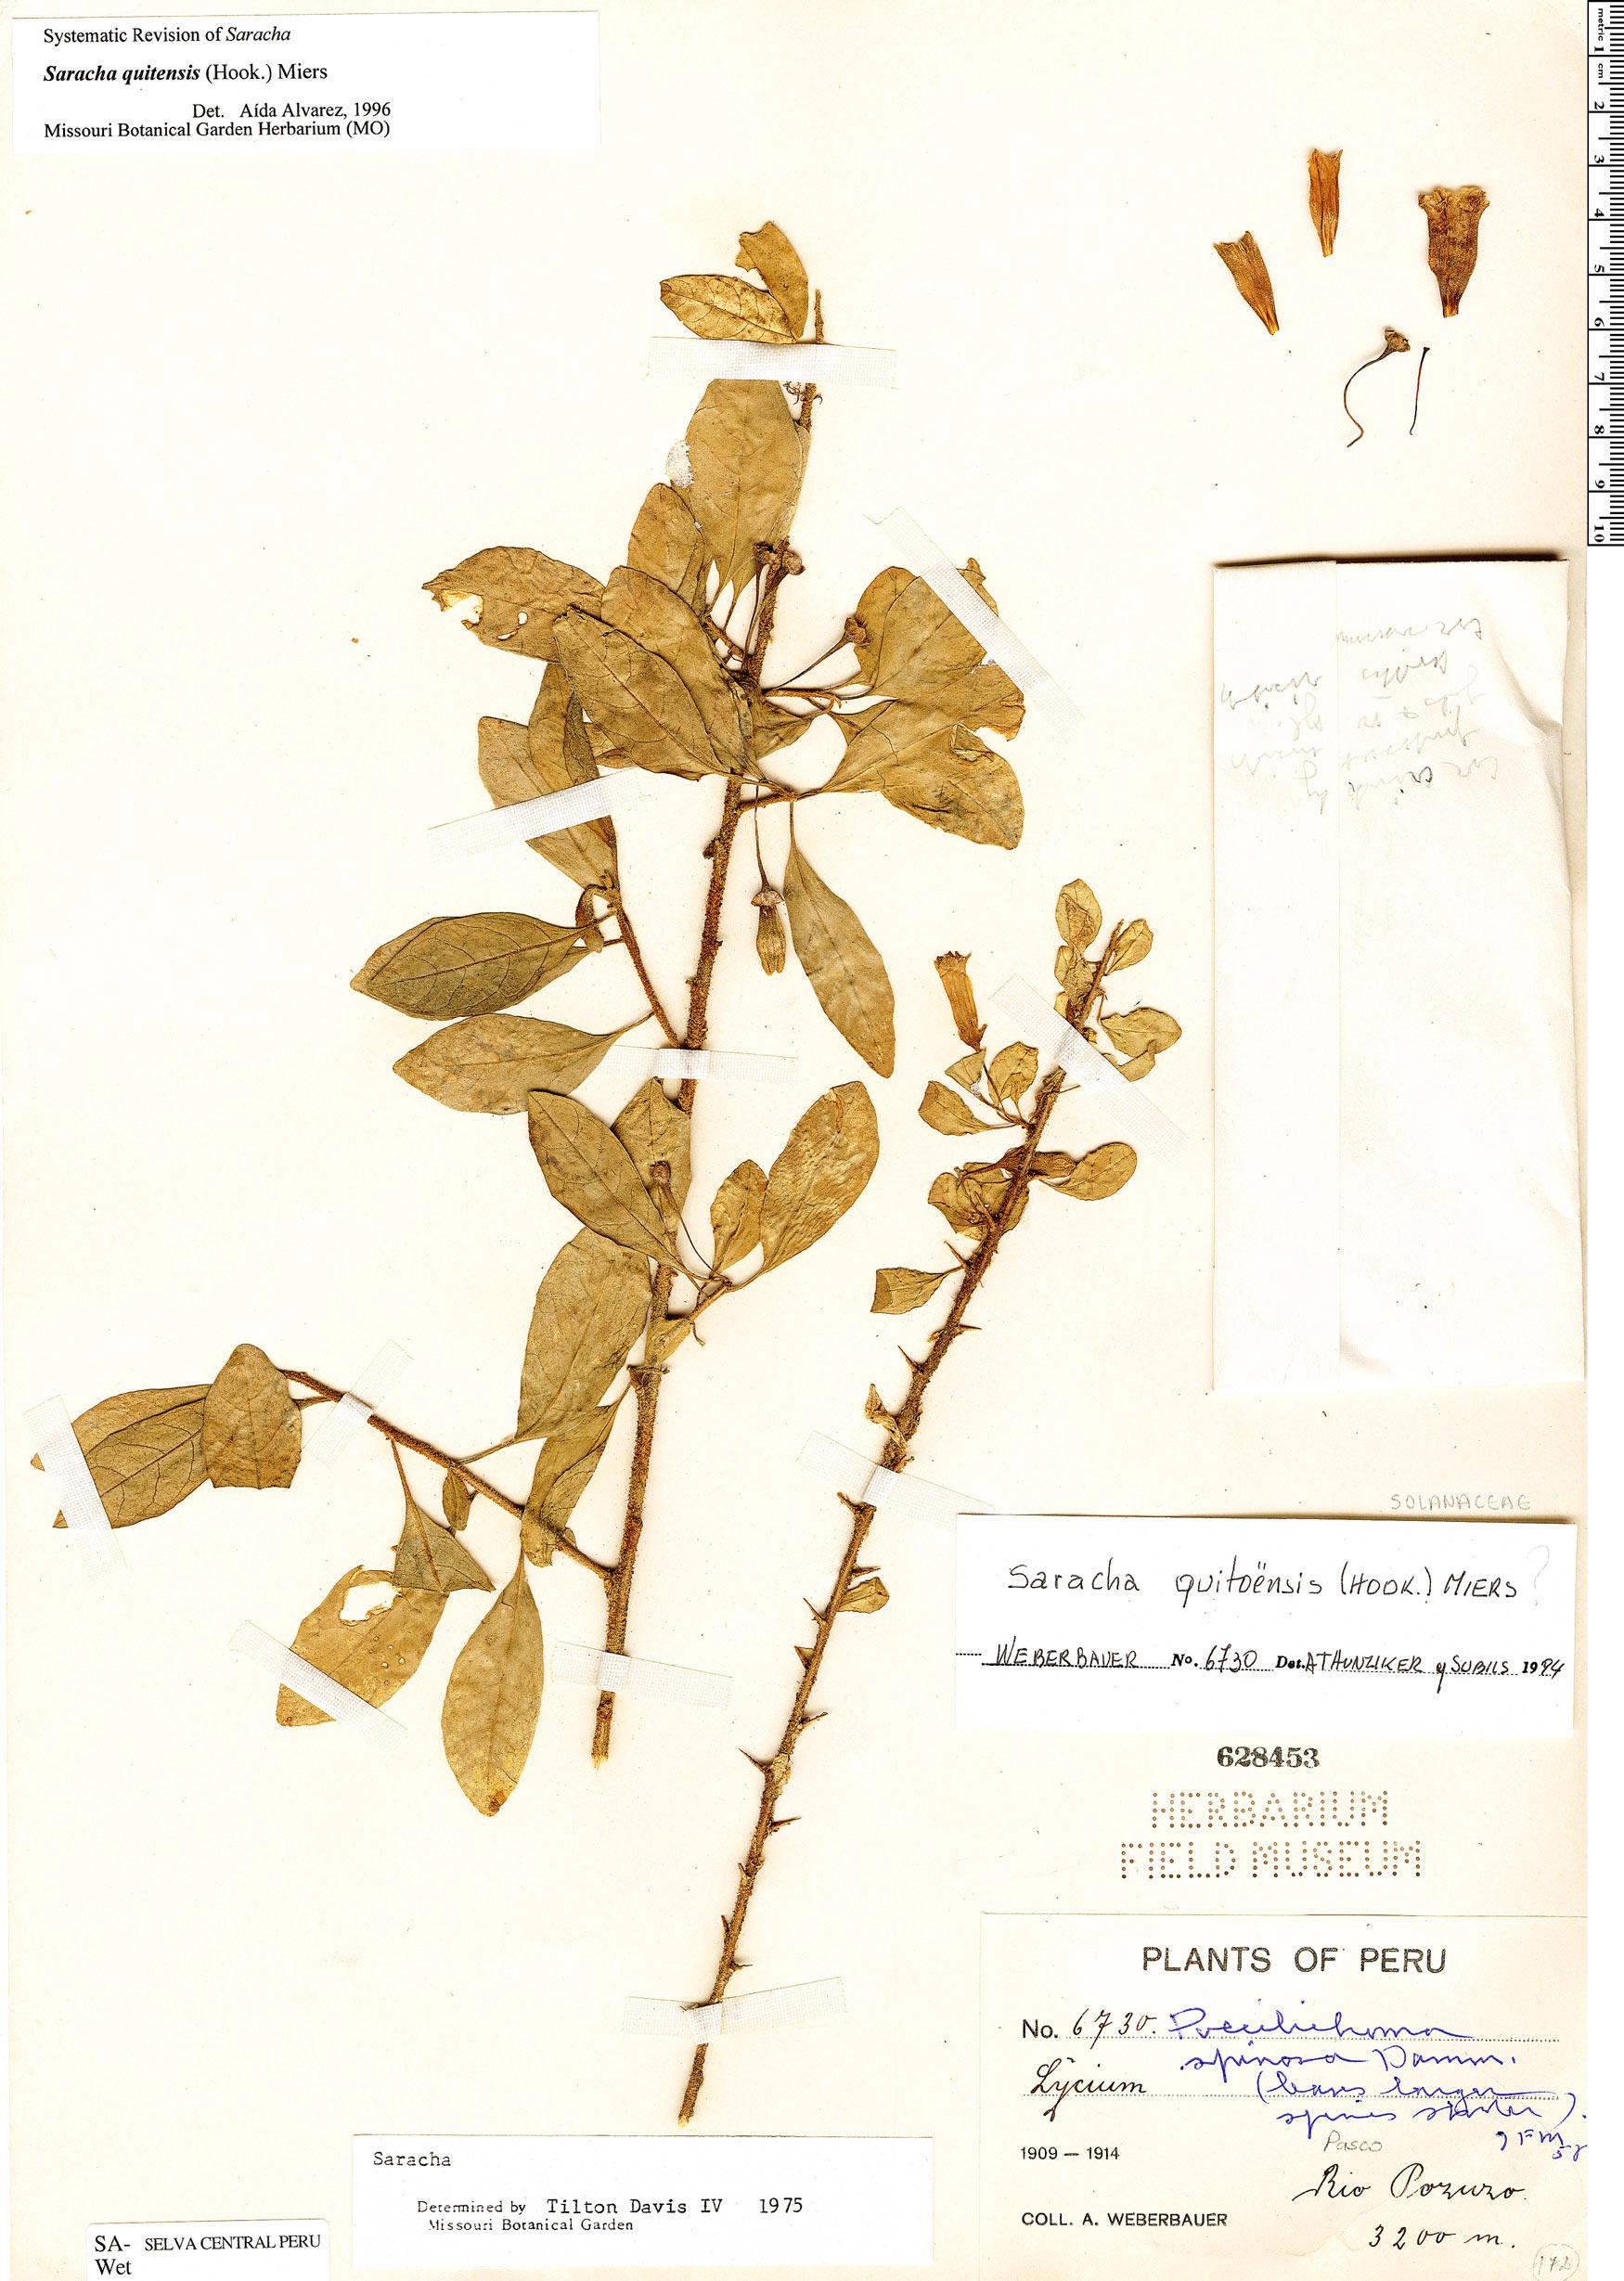 Specimen: Saracha quitensis